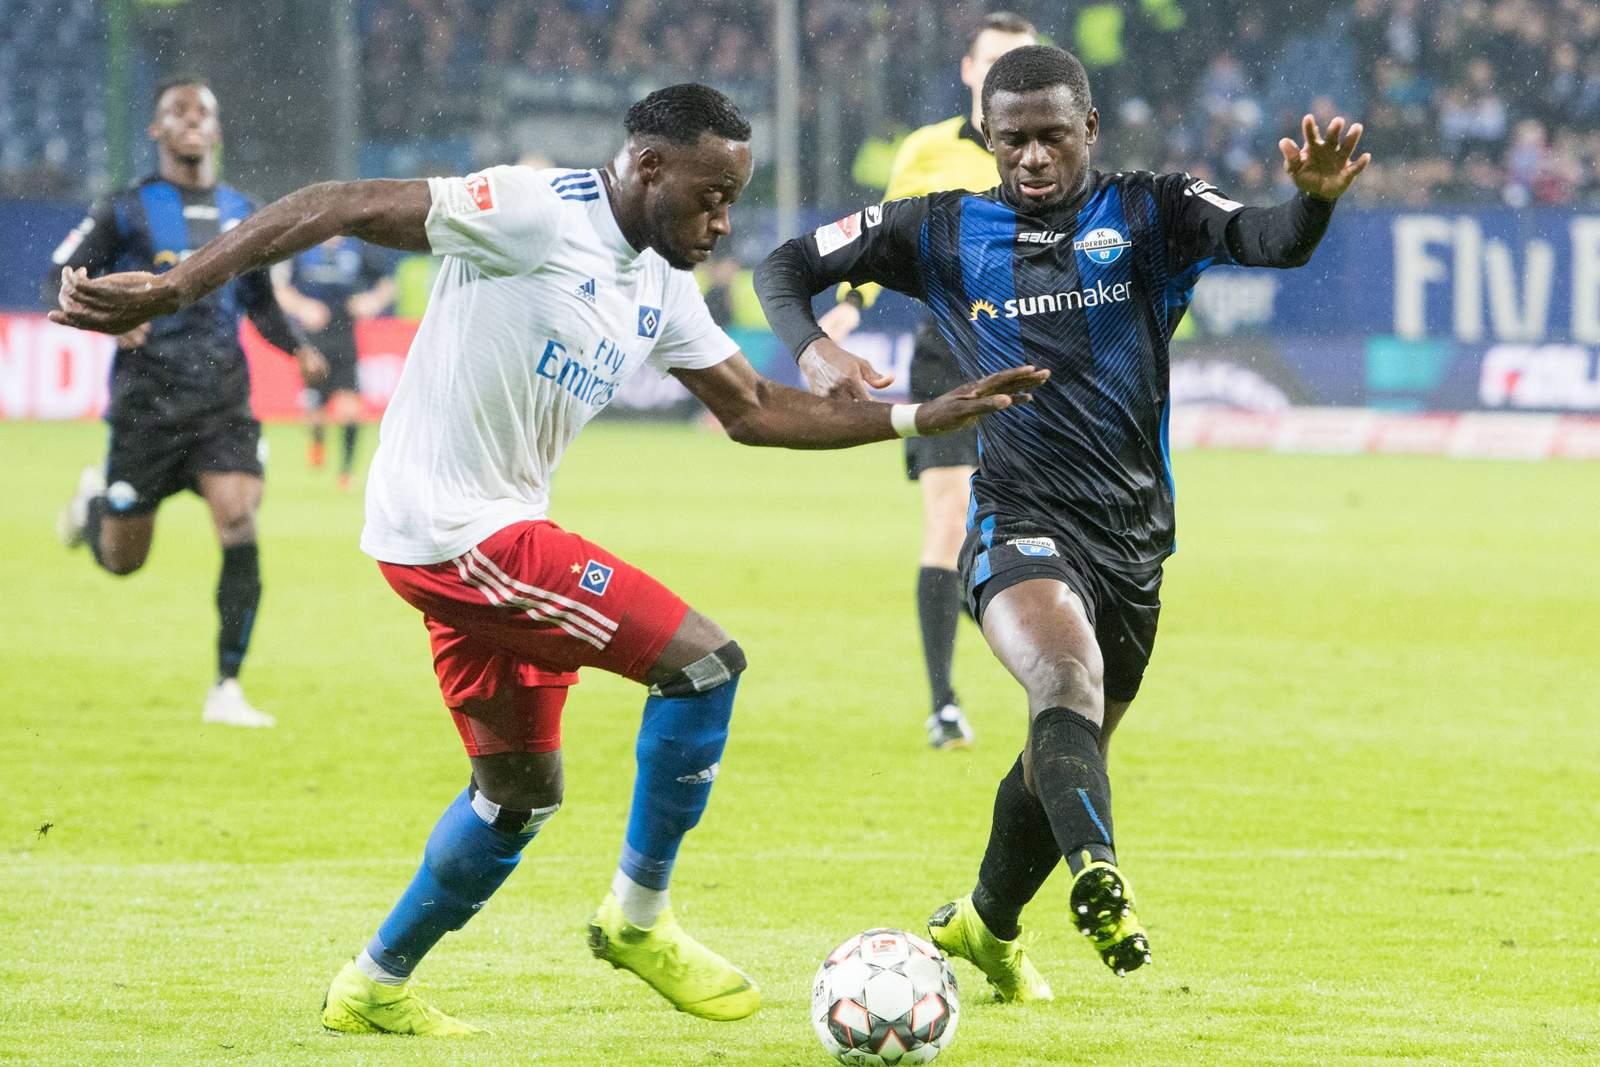 Setzt sich Narey gegen Collins durch? Jetzt auf Paderborn gegen HSV wetten